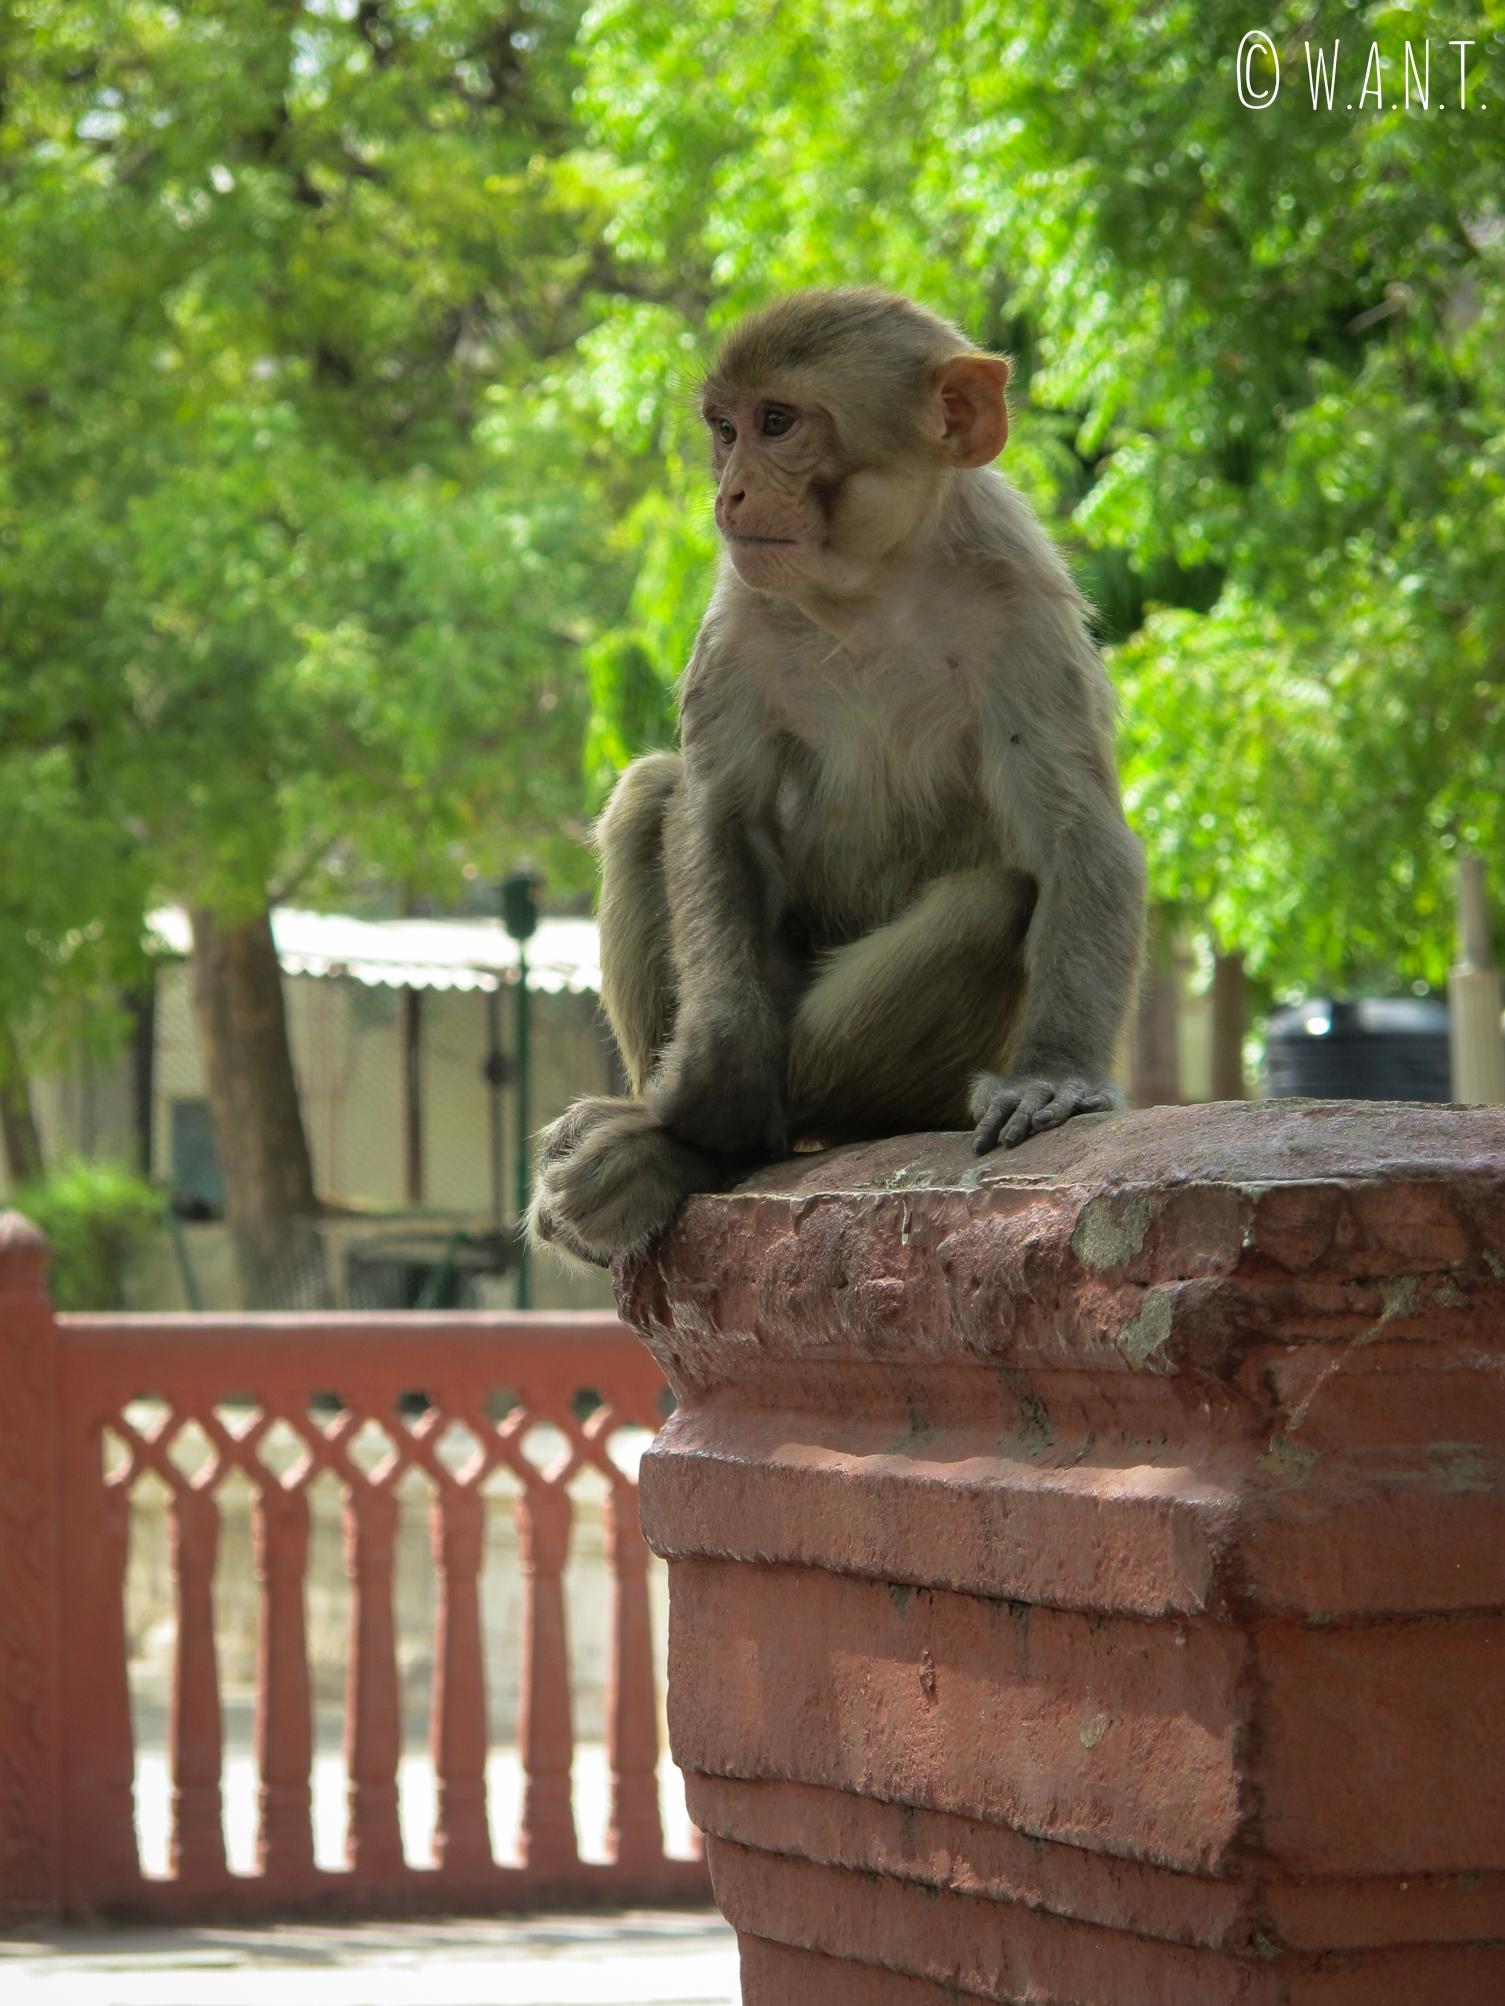 Les singes sont très nombreux dans le parc Jai Niwas, mais sont toutefois assez agressifs envers l'Homme